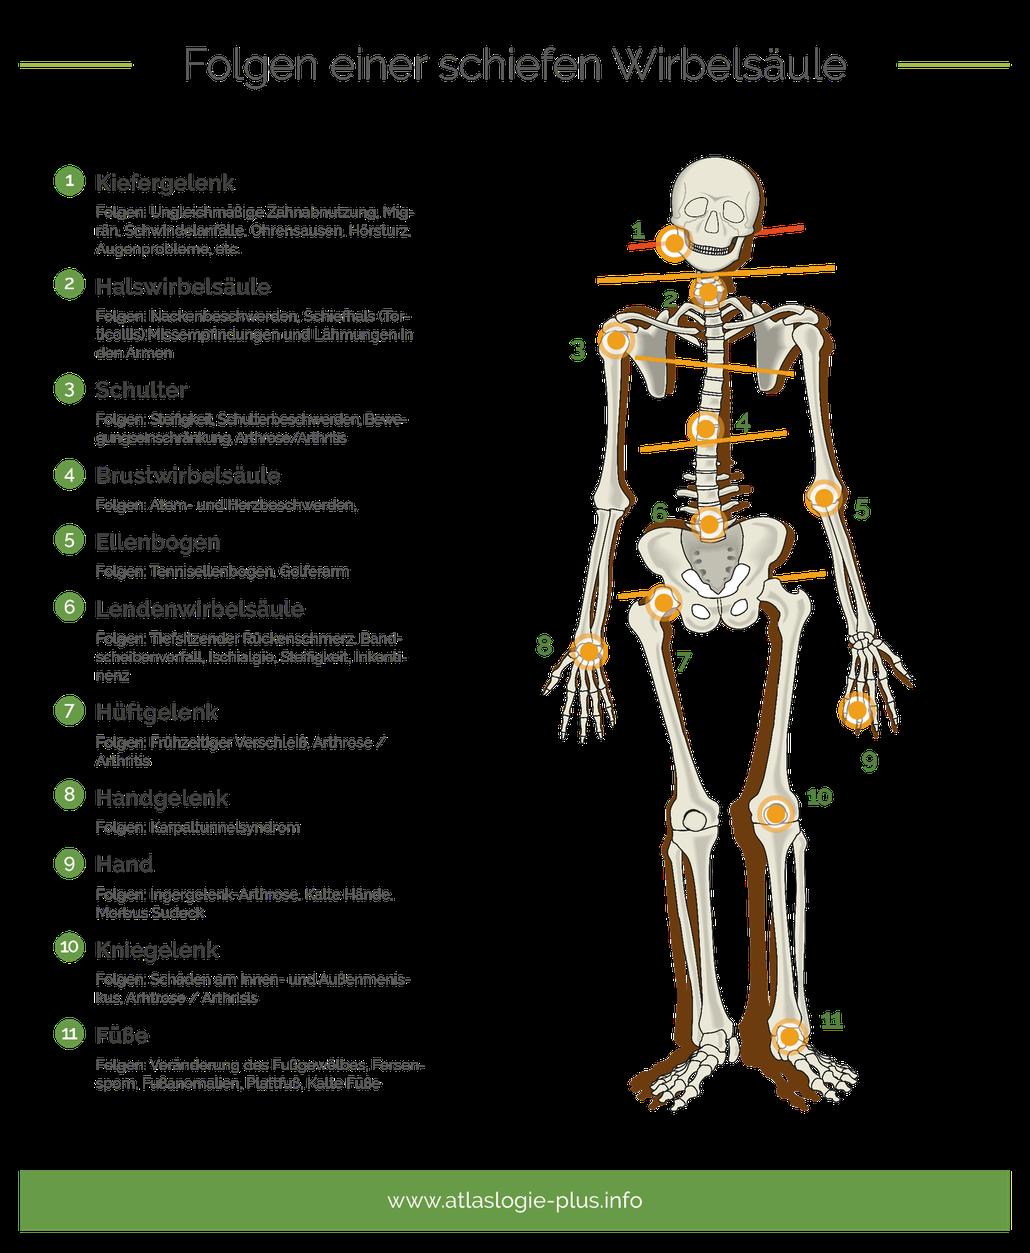 Ausgezeichnet Ellenbogen Oberflächenanatomie Ideen - Anatomie Von ...